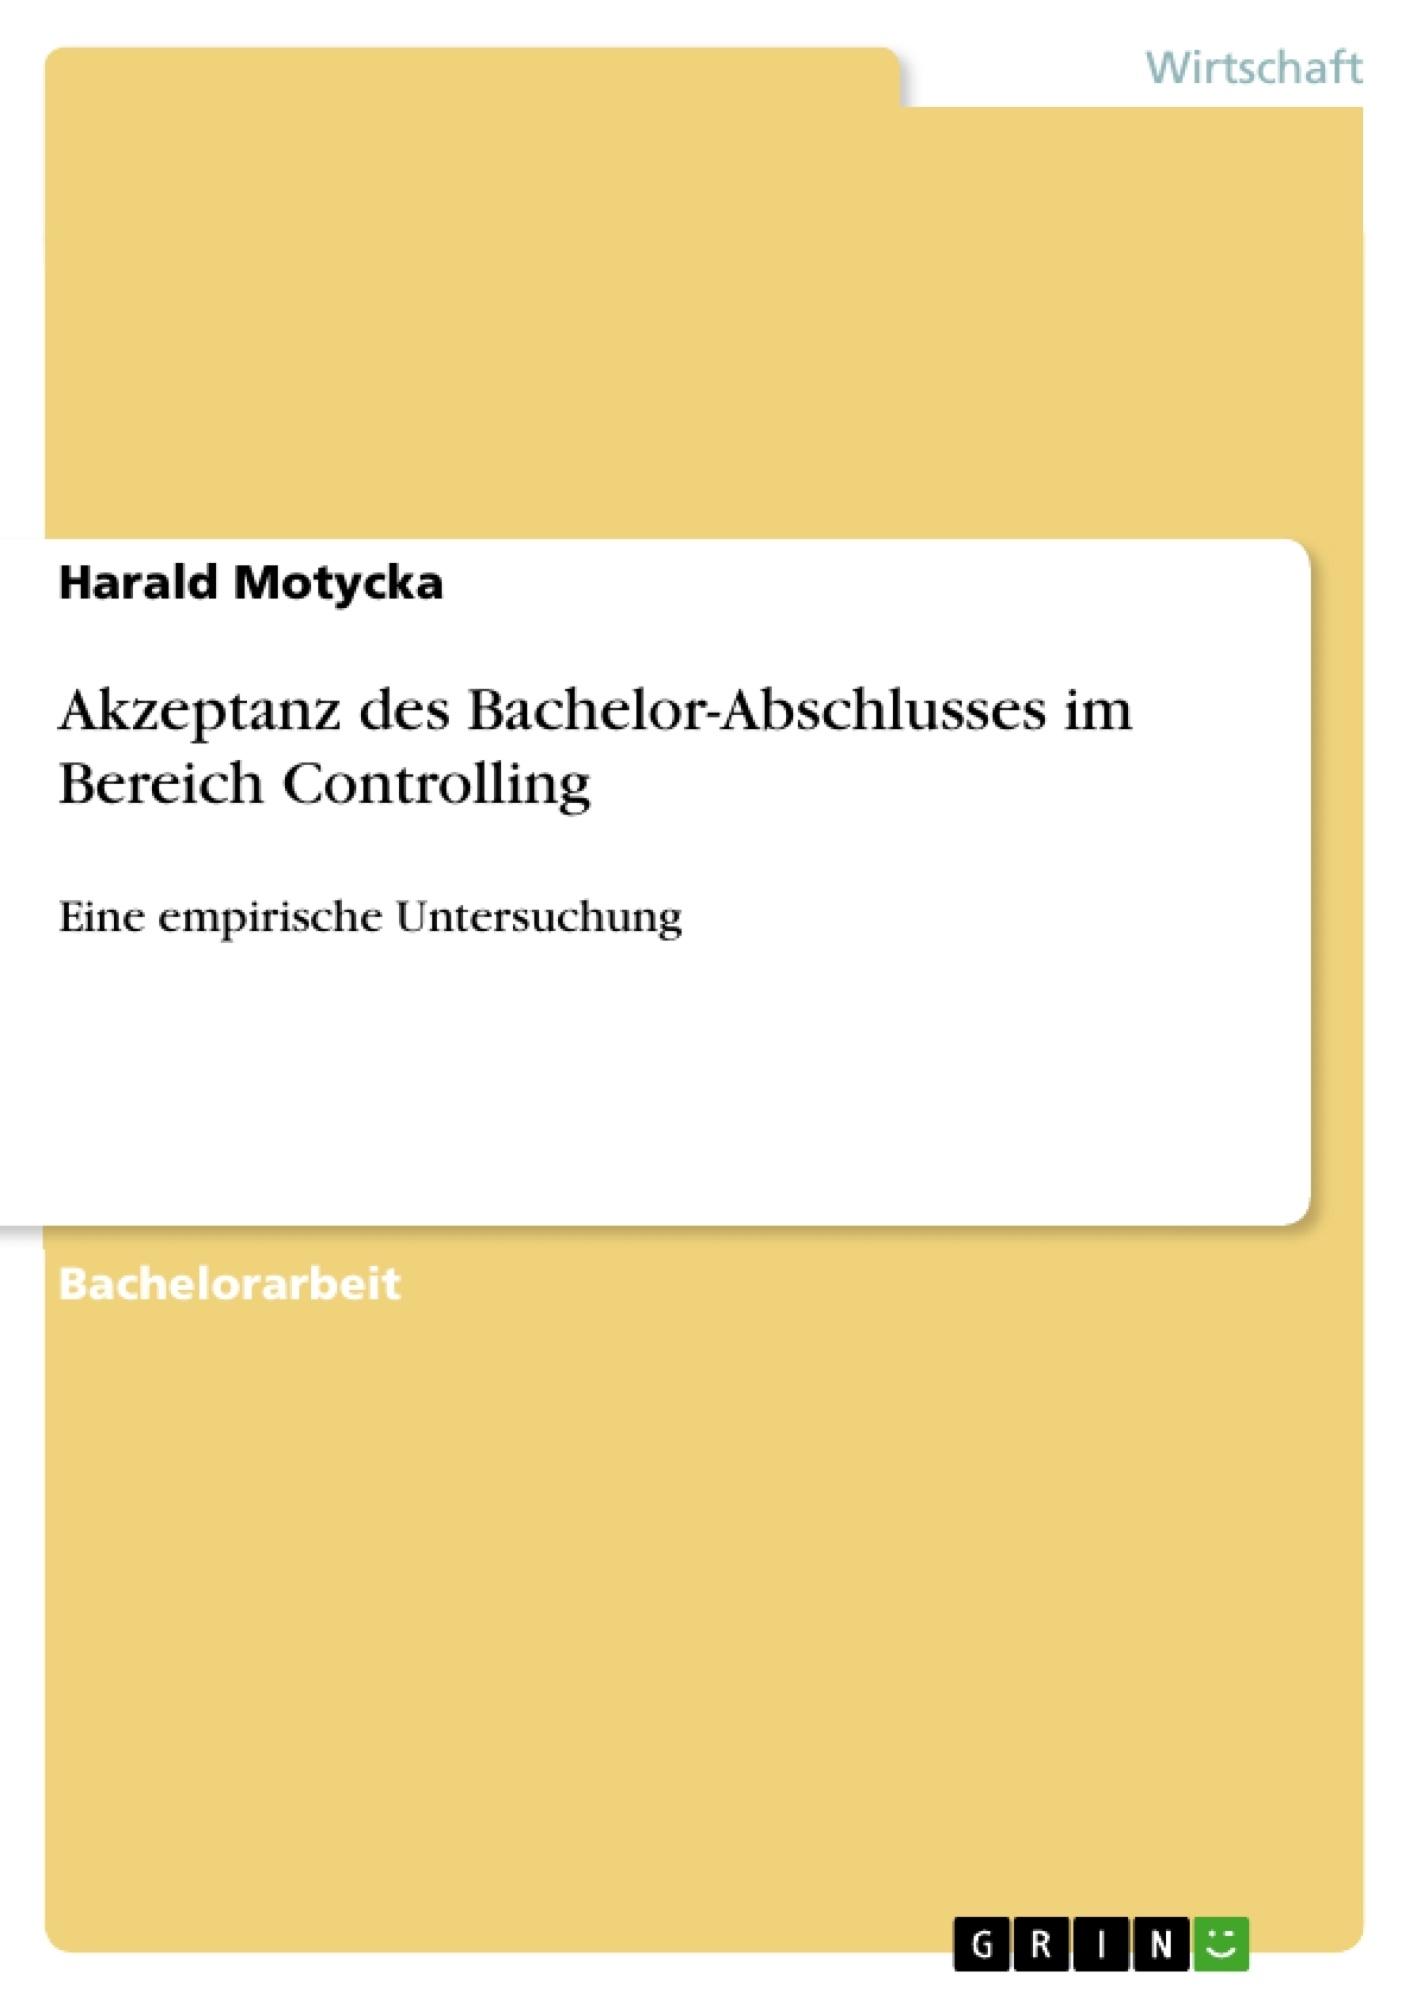 Titel: Akzeptanz des Bachelor-Abschlusses im Bereich Controlling